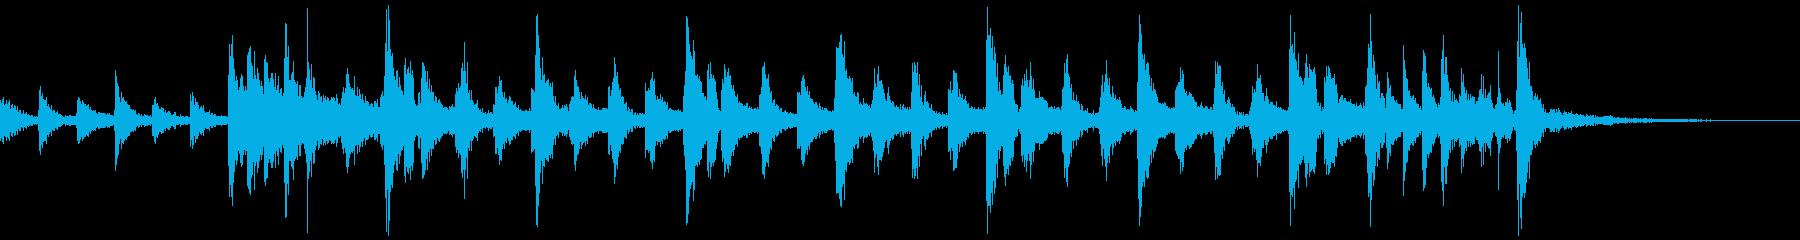 時間通りの緊急リズムパターンの再生済みの波形